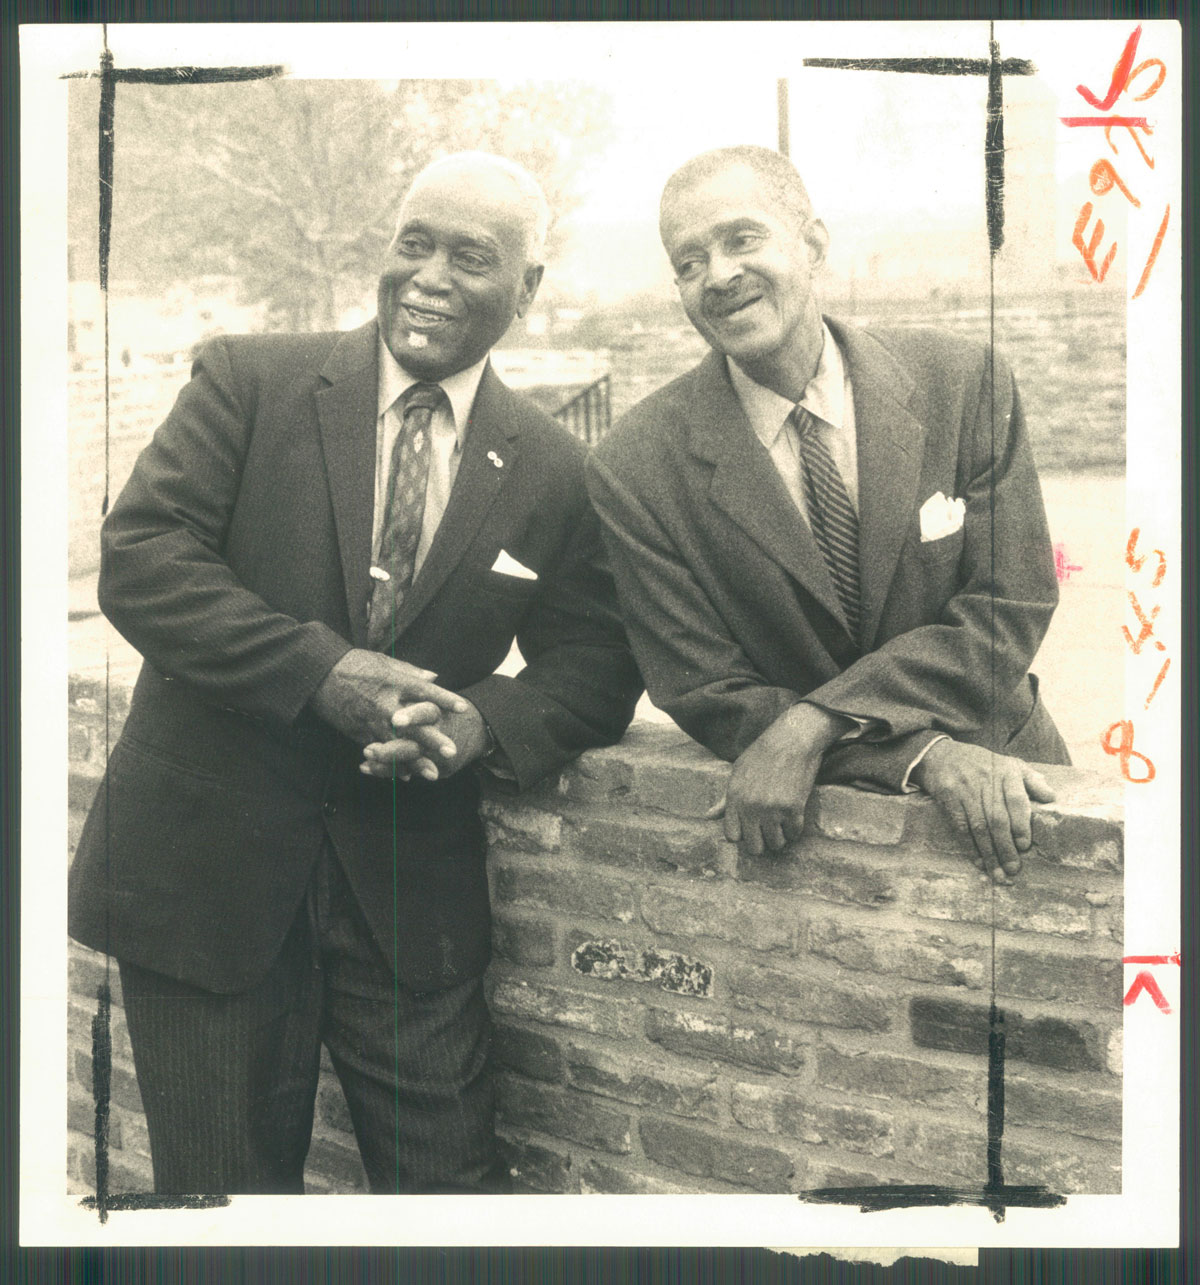 Edward William Parago, Sr. (1898-1983), and William Gailes Contee (1891-1987).